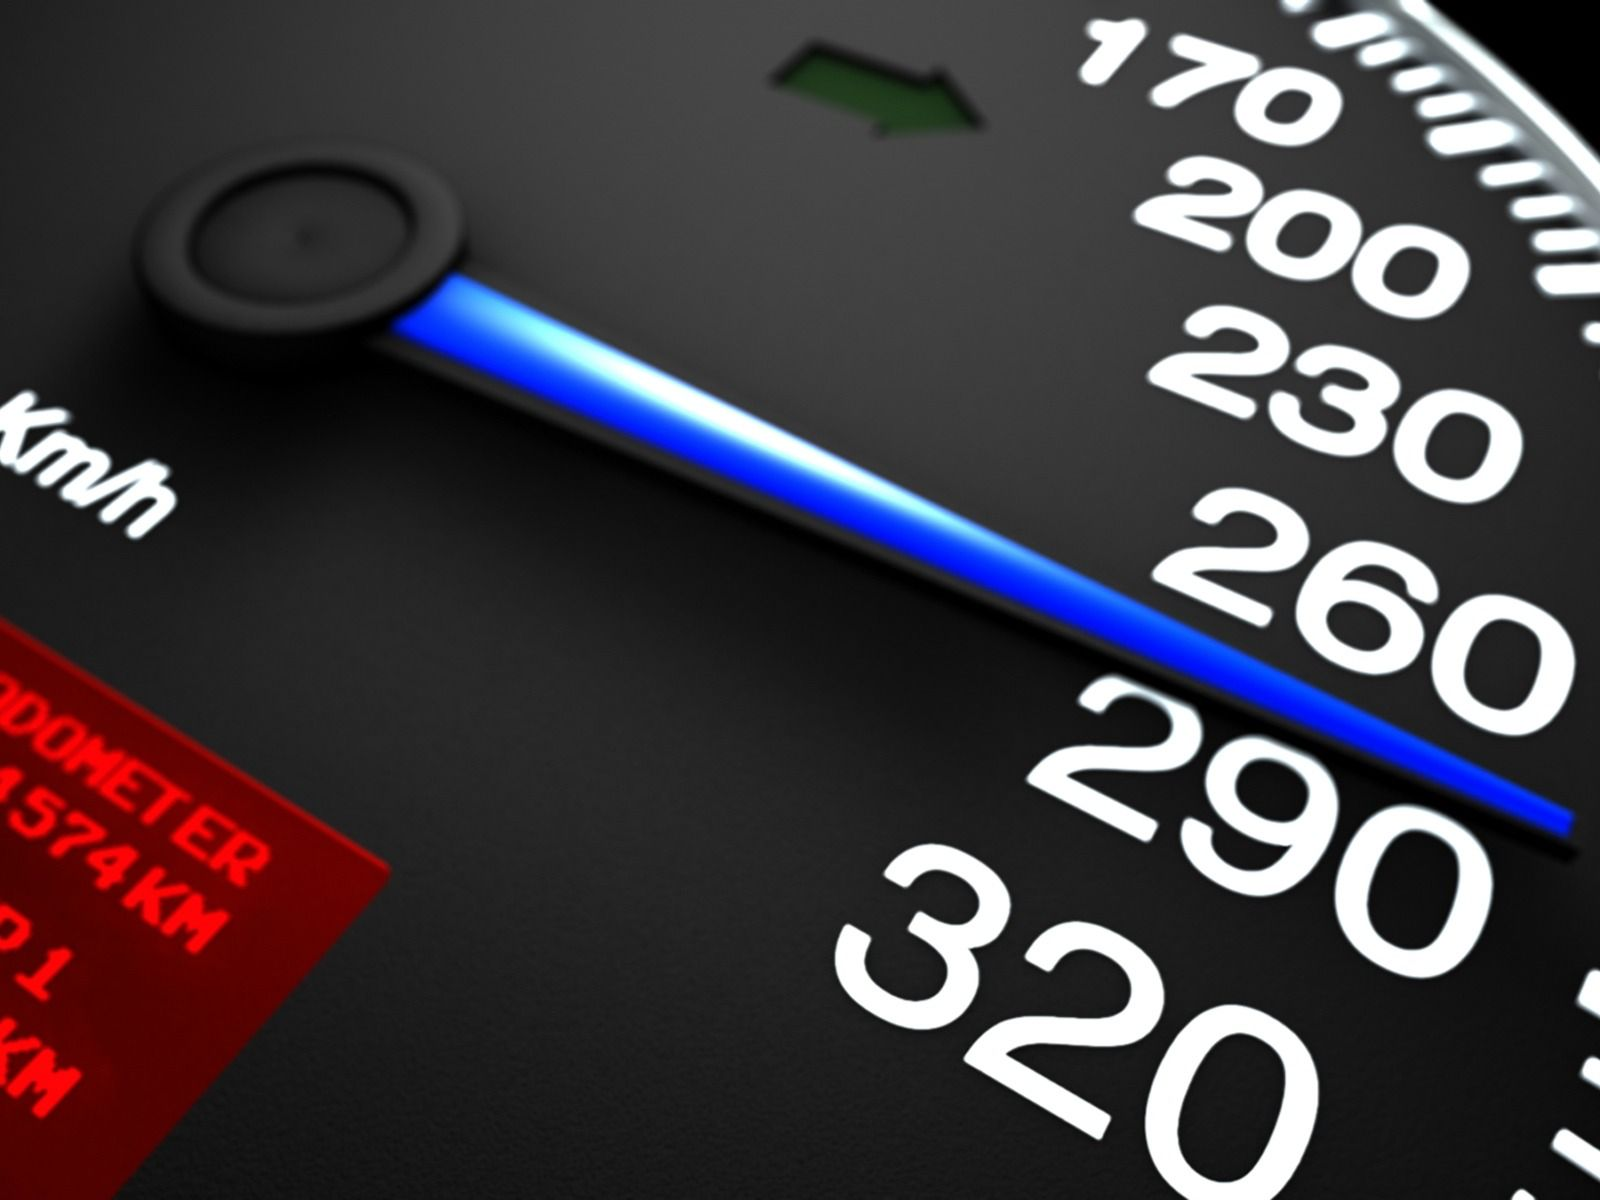 Il se fait flasher à 255 km/h sur l'autoroute A25 à Steenvoorde dans le Nord